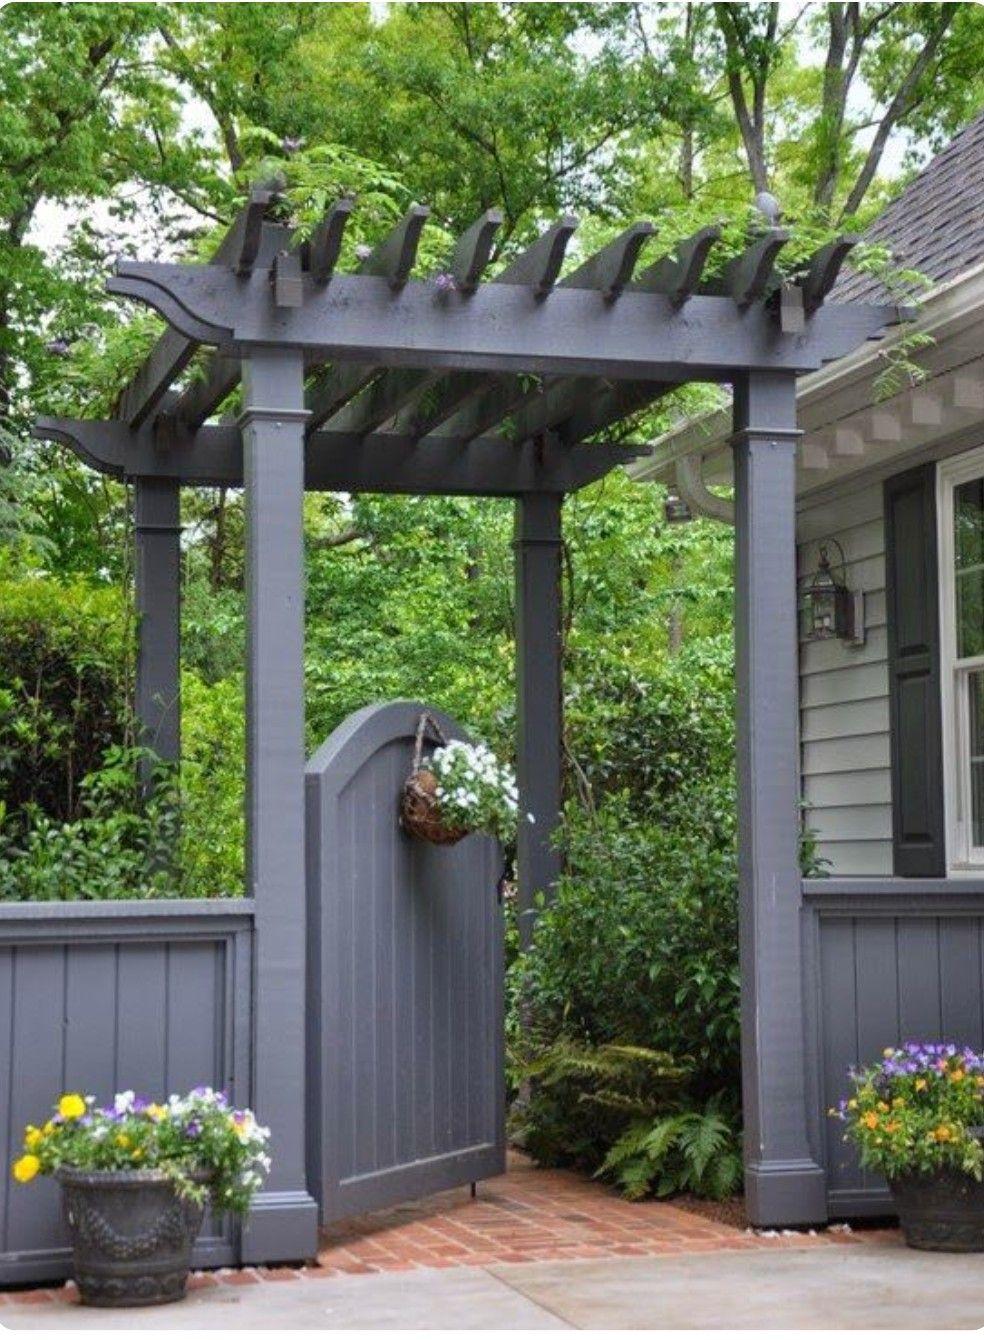 Pin by Sherry Allnutt on Side Yard | Garden gate design ... on Side Yard Pergola Ideas id=34977